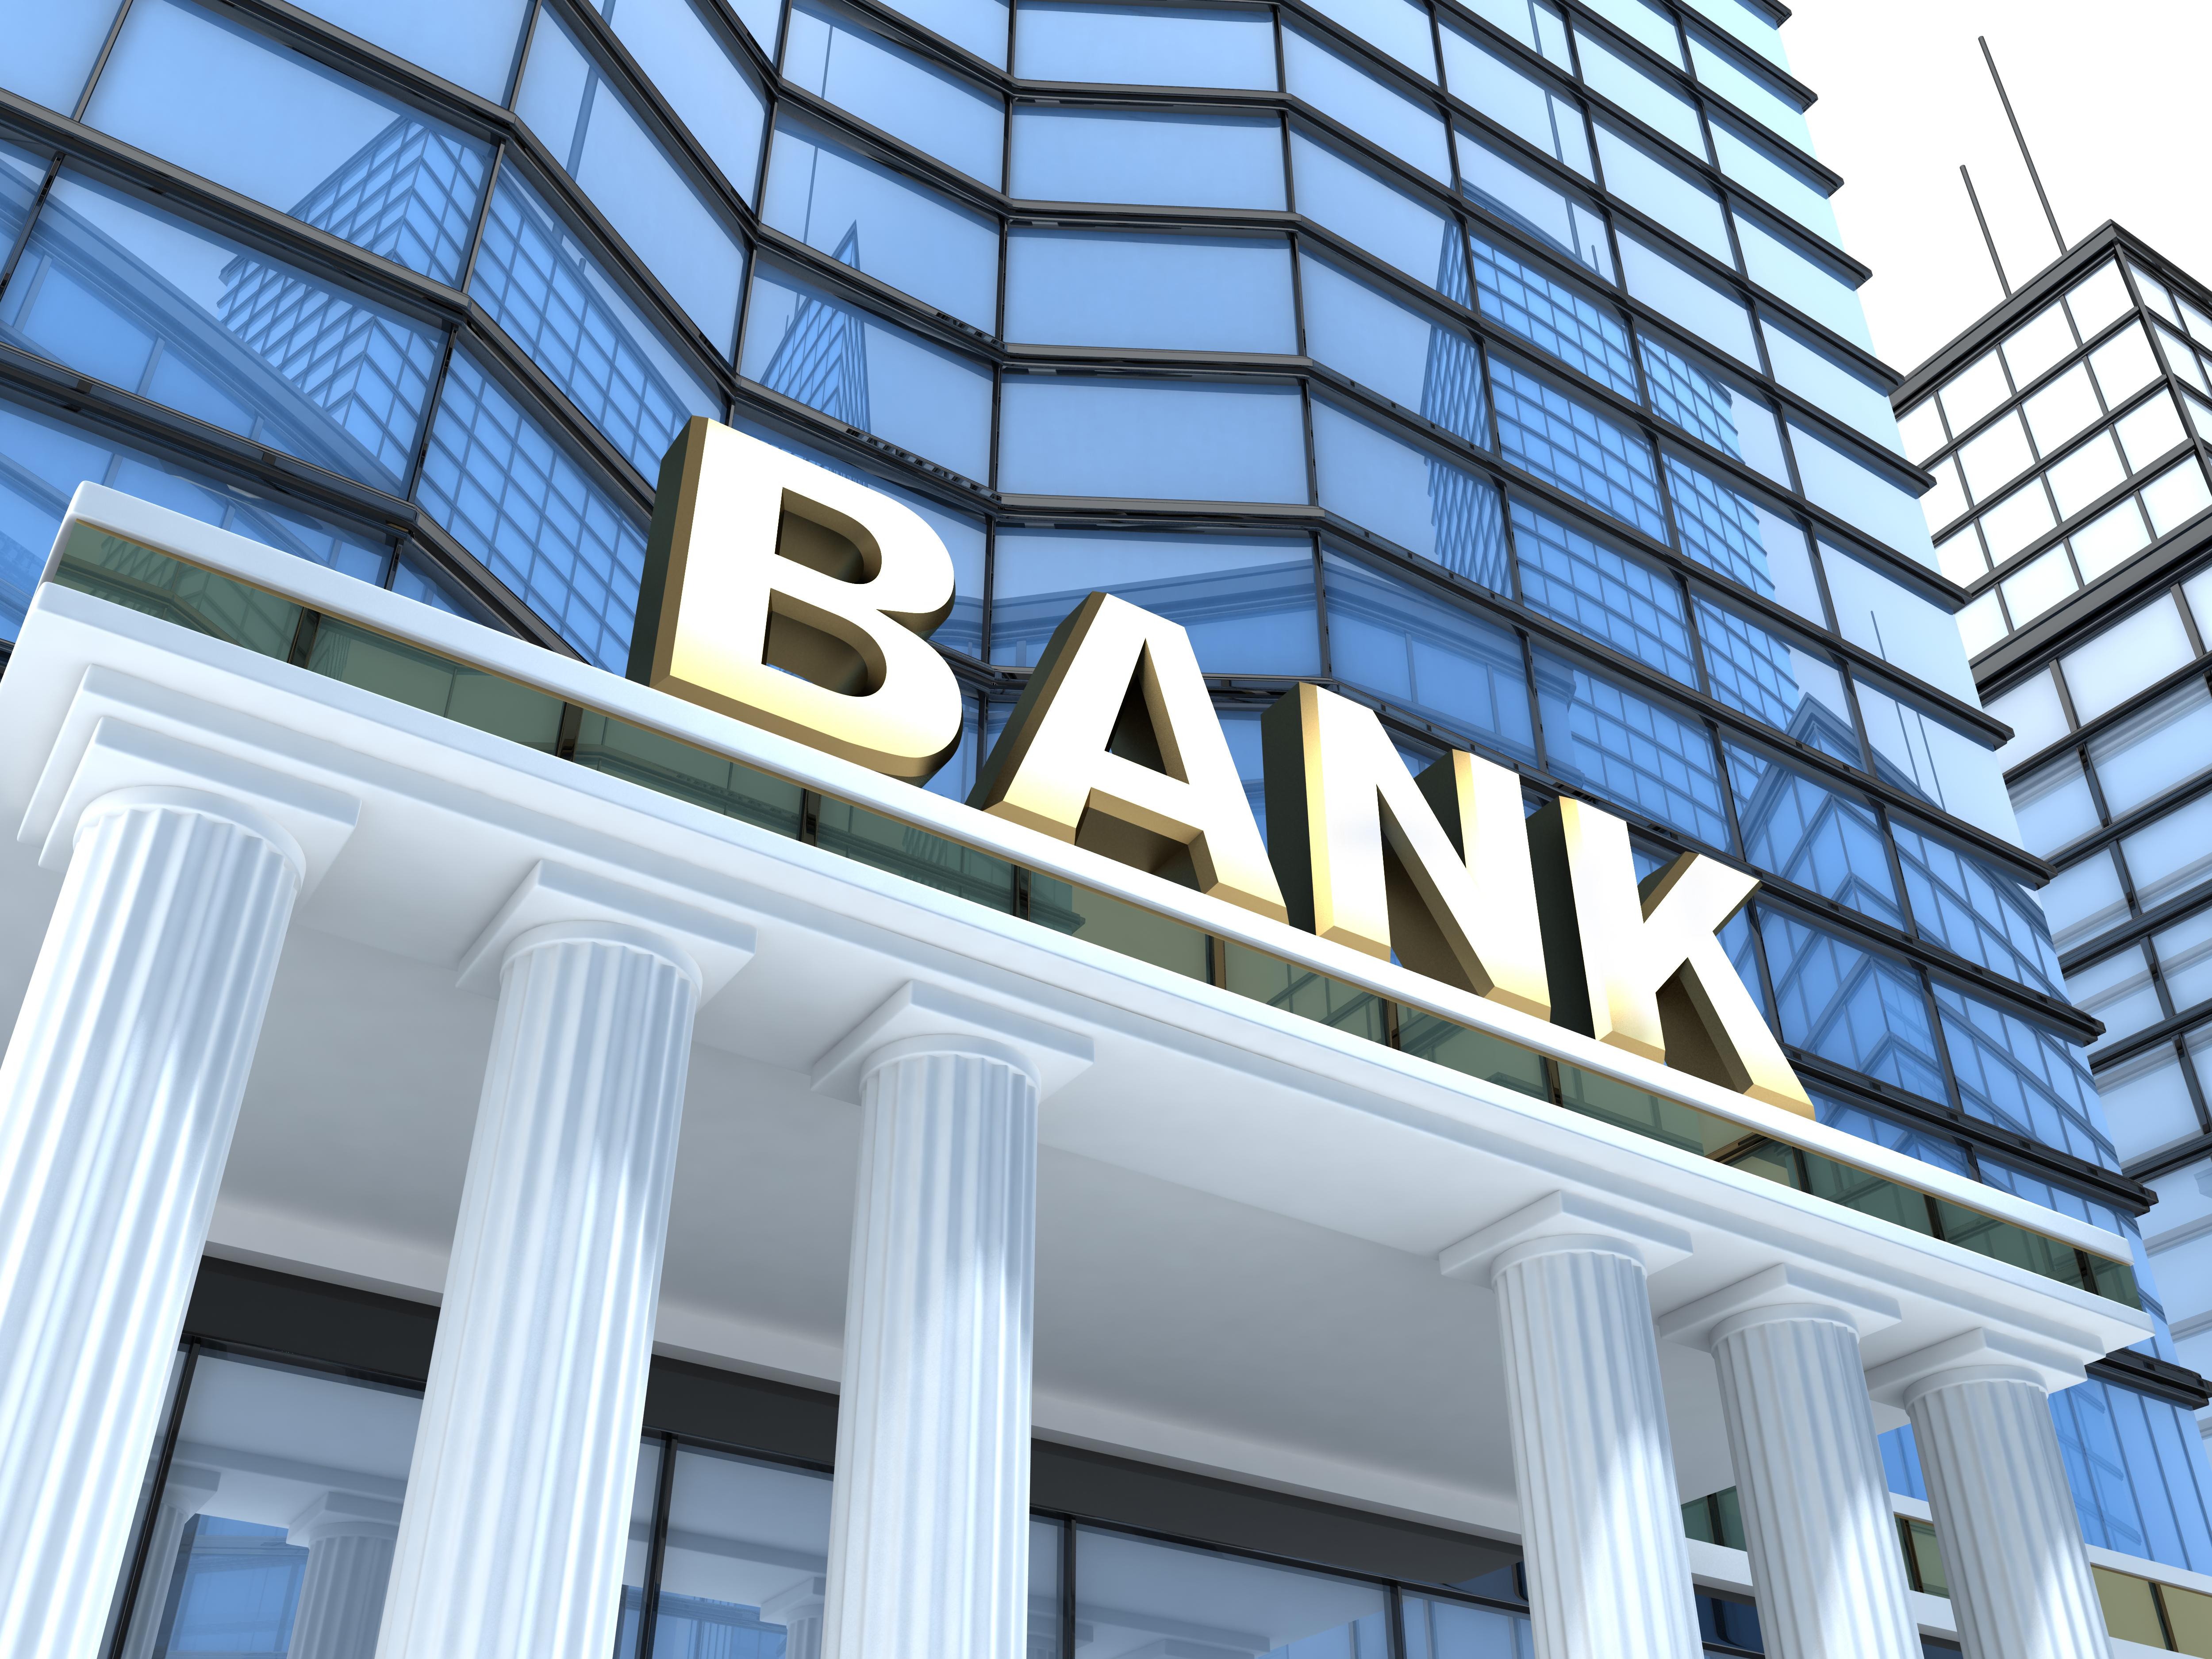 картинка коммерческие банкинг съёмке пейзажей или